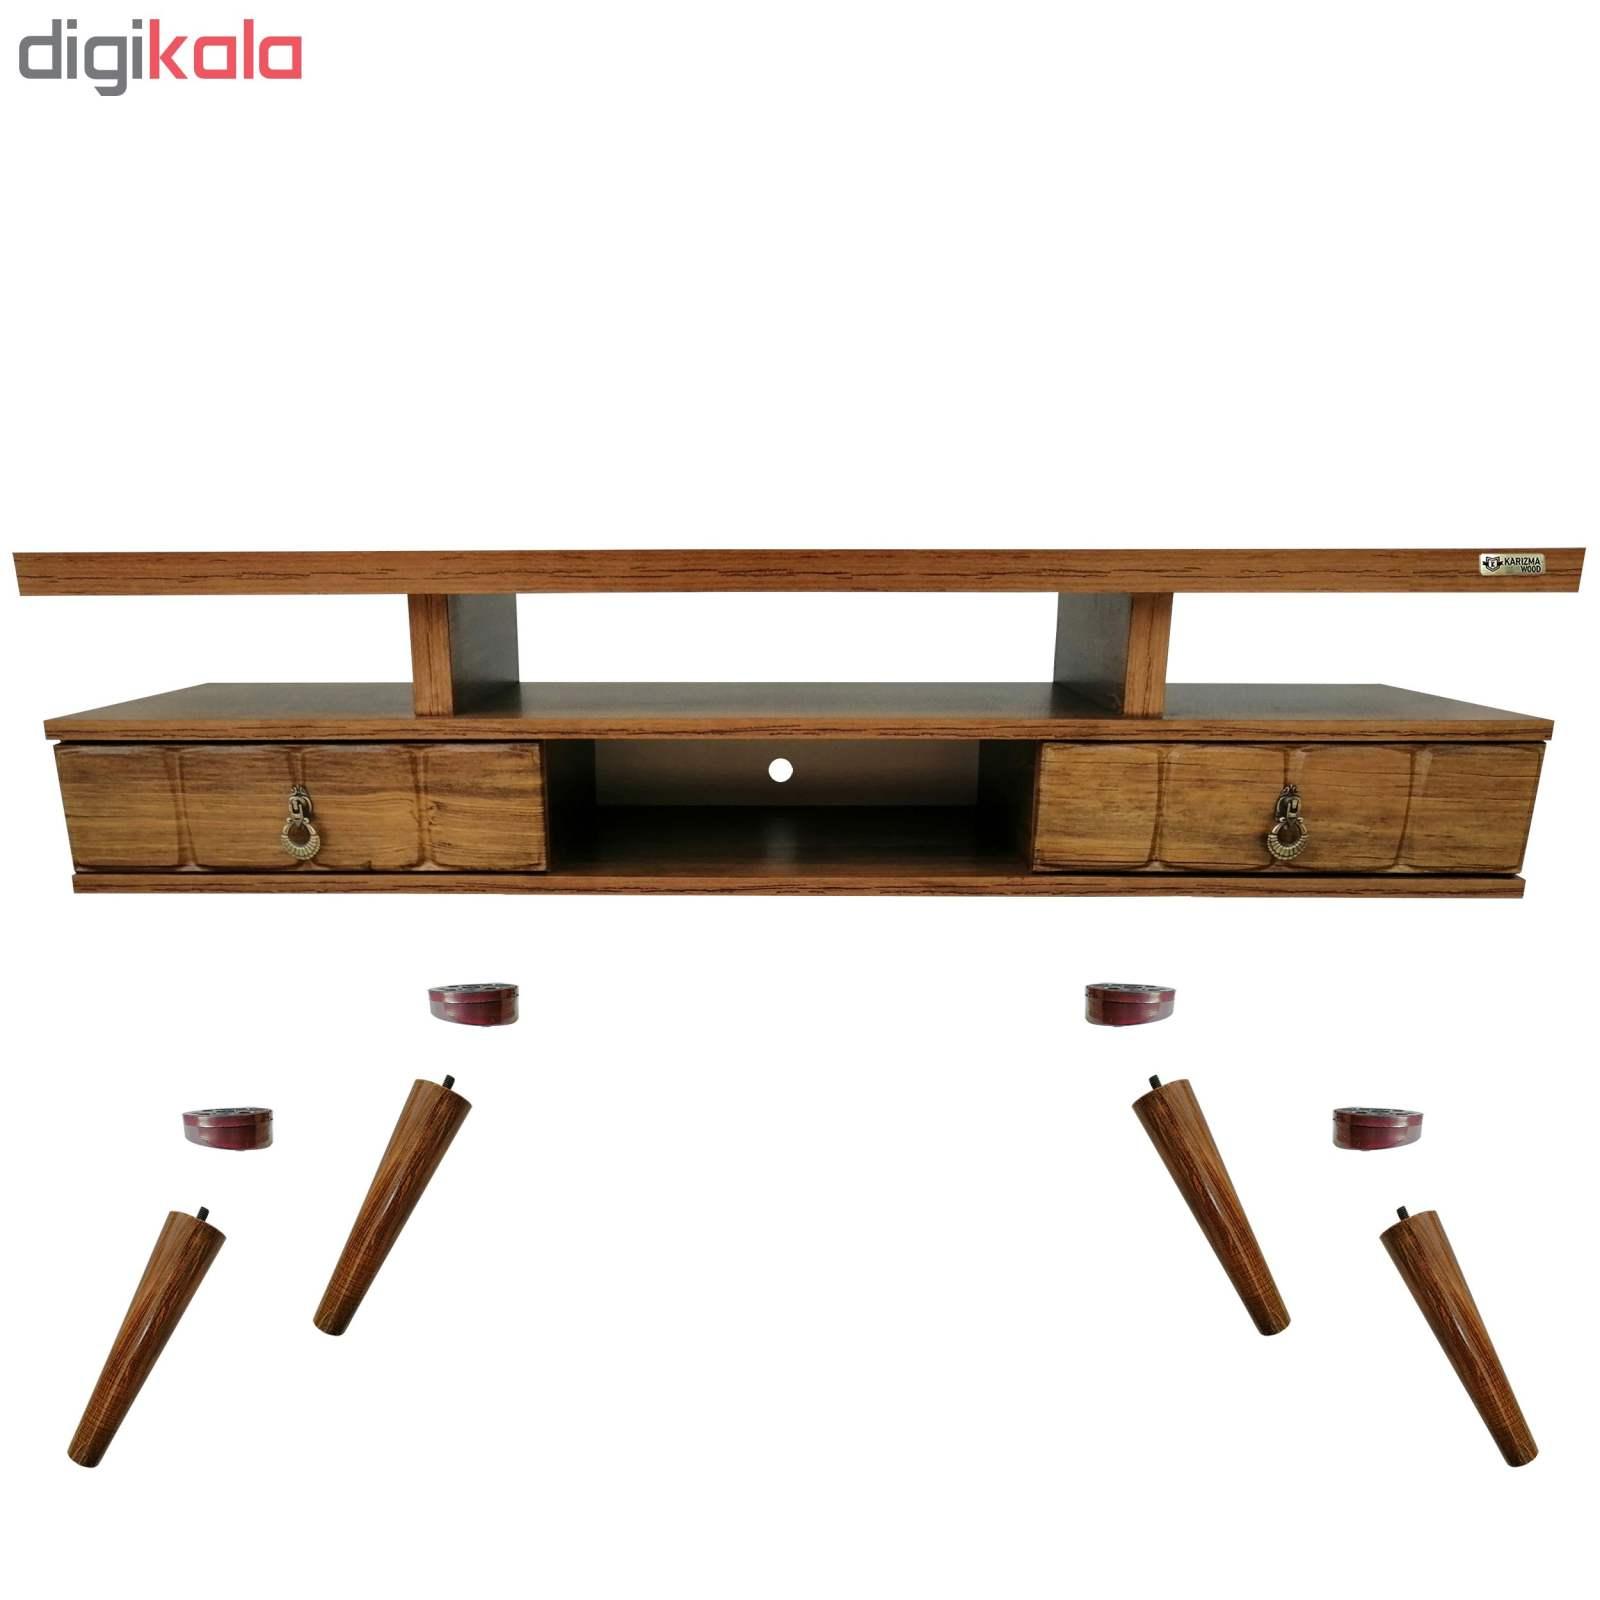 میز تلویزیون کاریزما وود مدل A.KM208 main 1 5